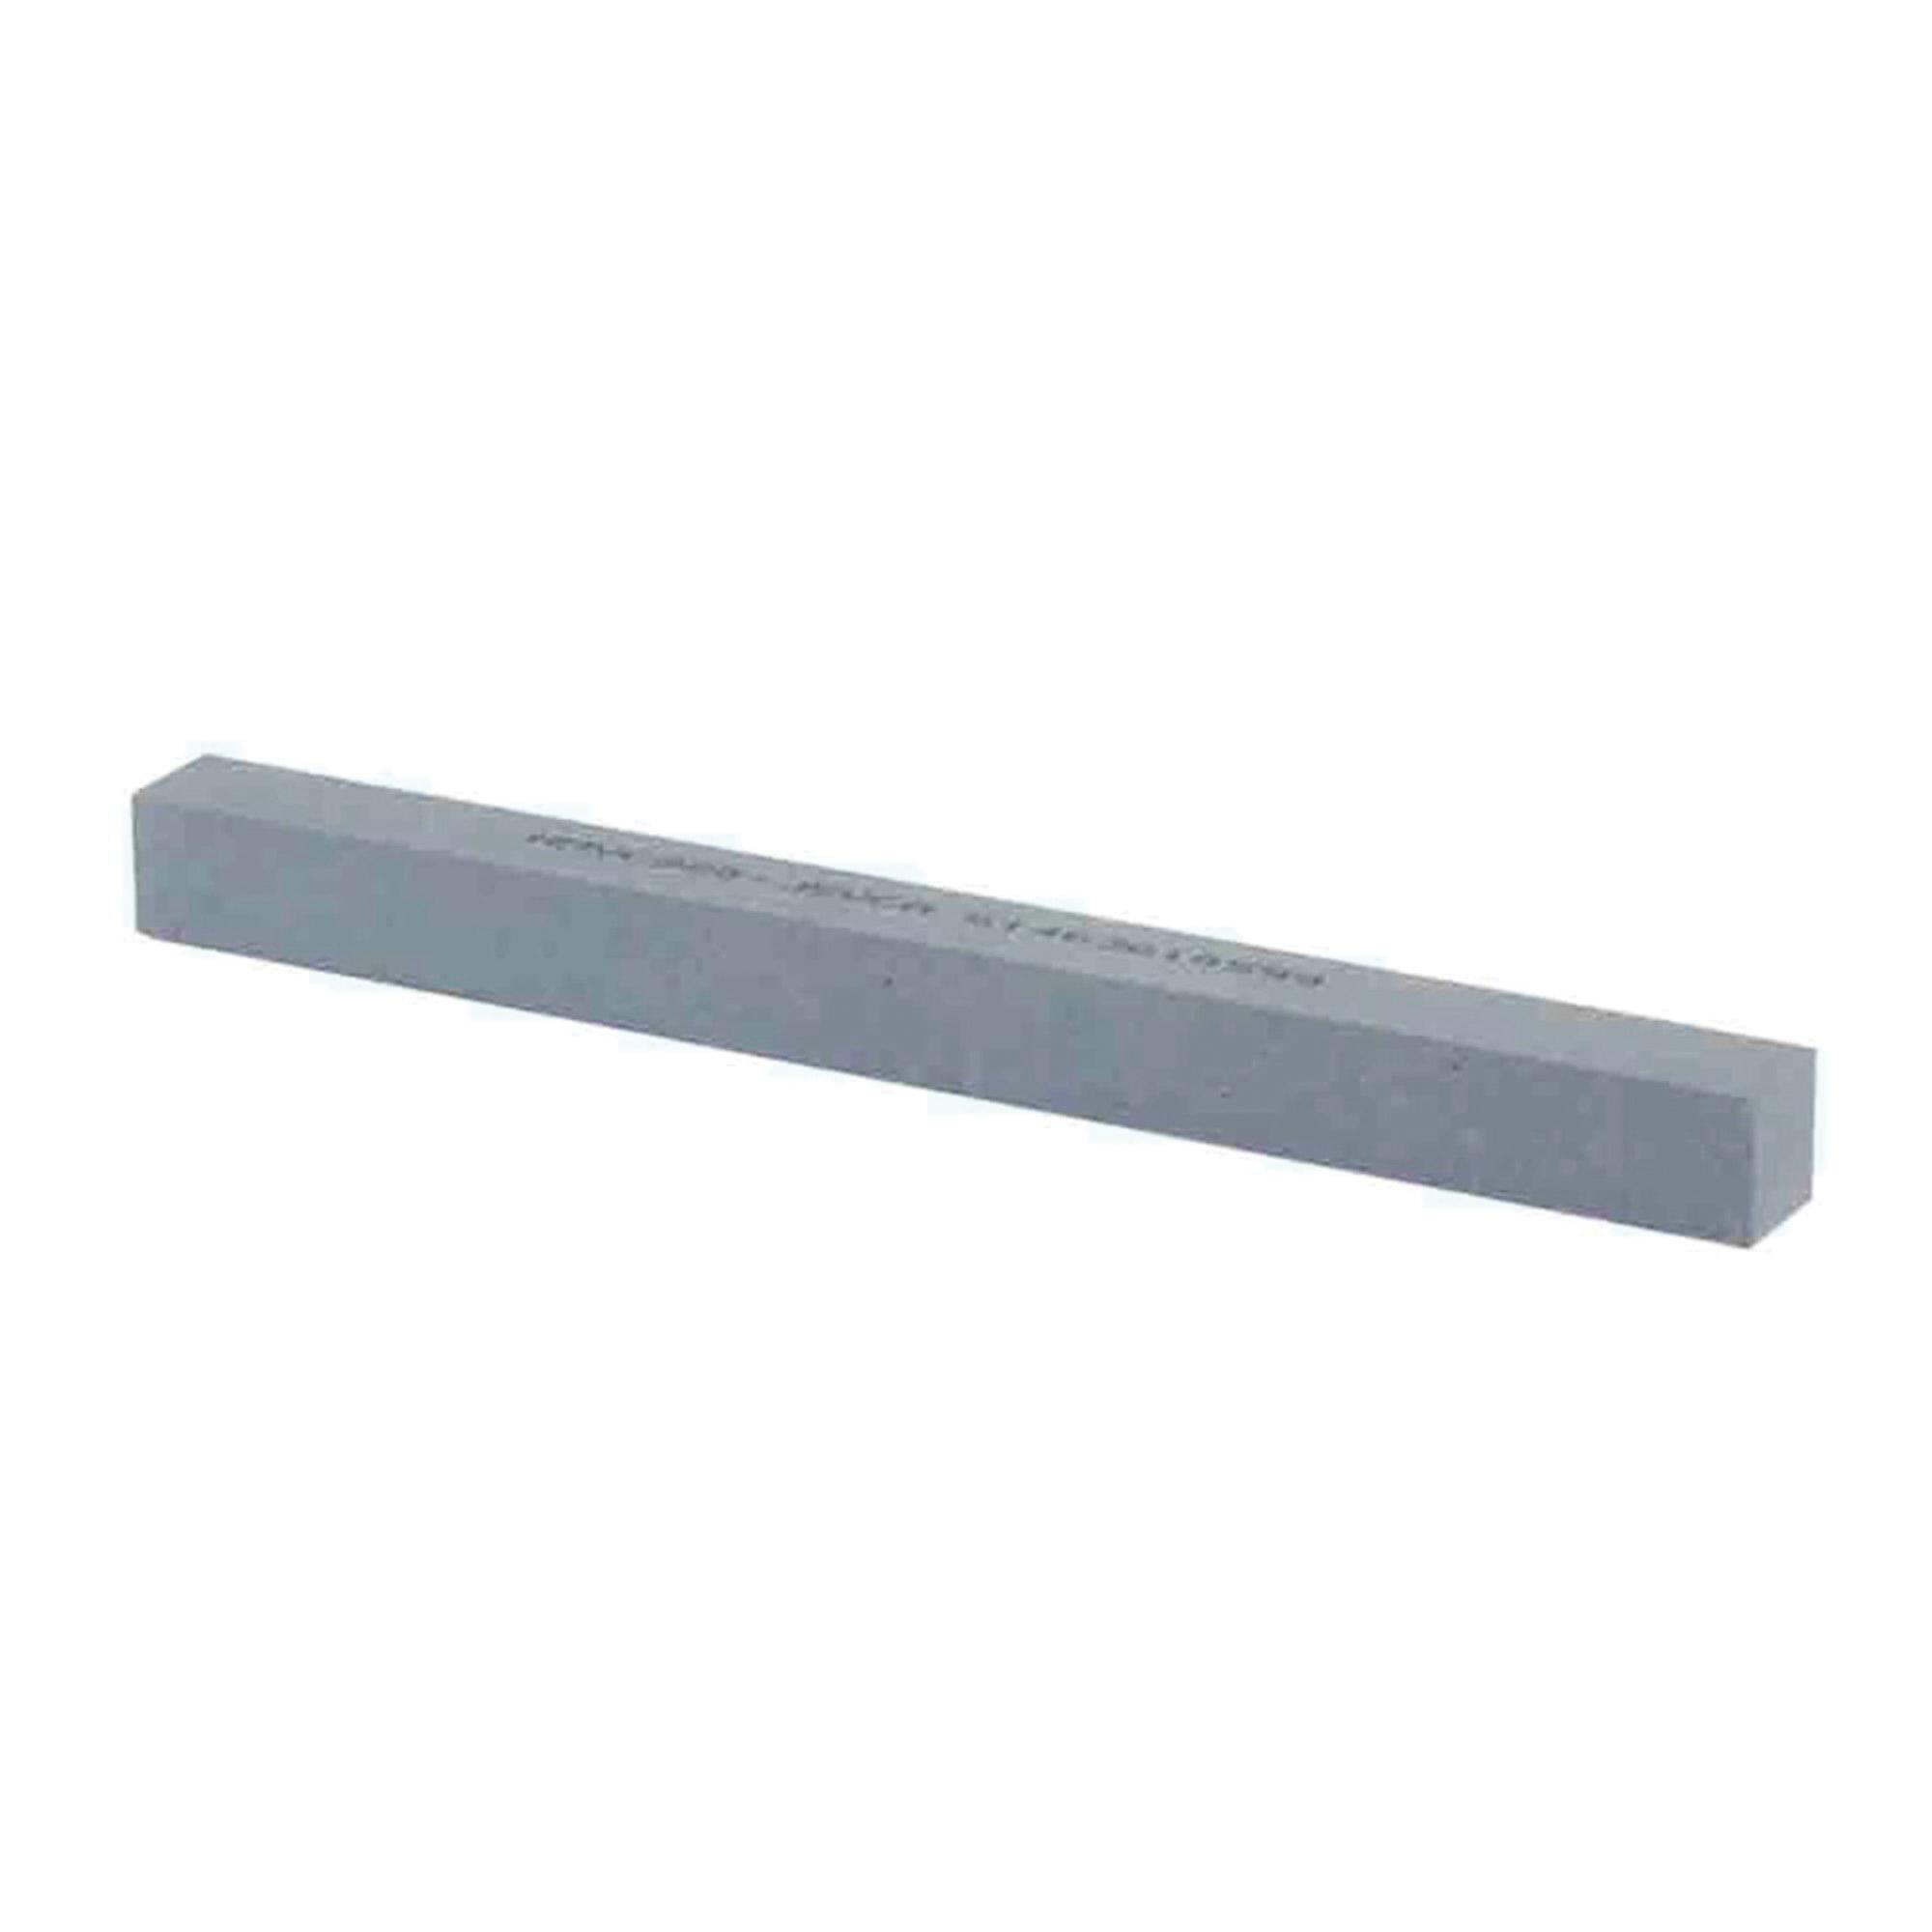 Norton® 61463650450 NMVC Dressing Stick, Squared Shape, 6 in L x 1 in W x 1 in THK